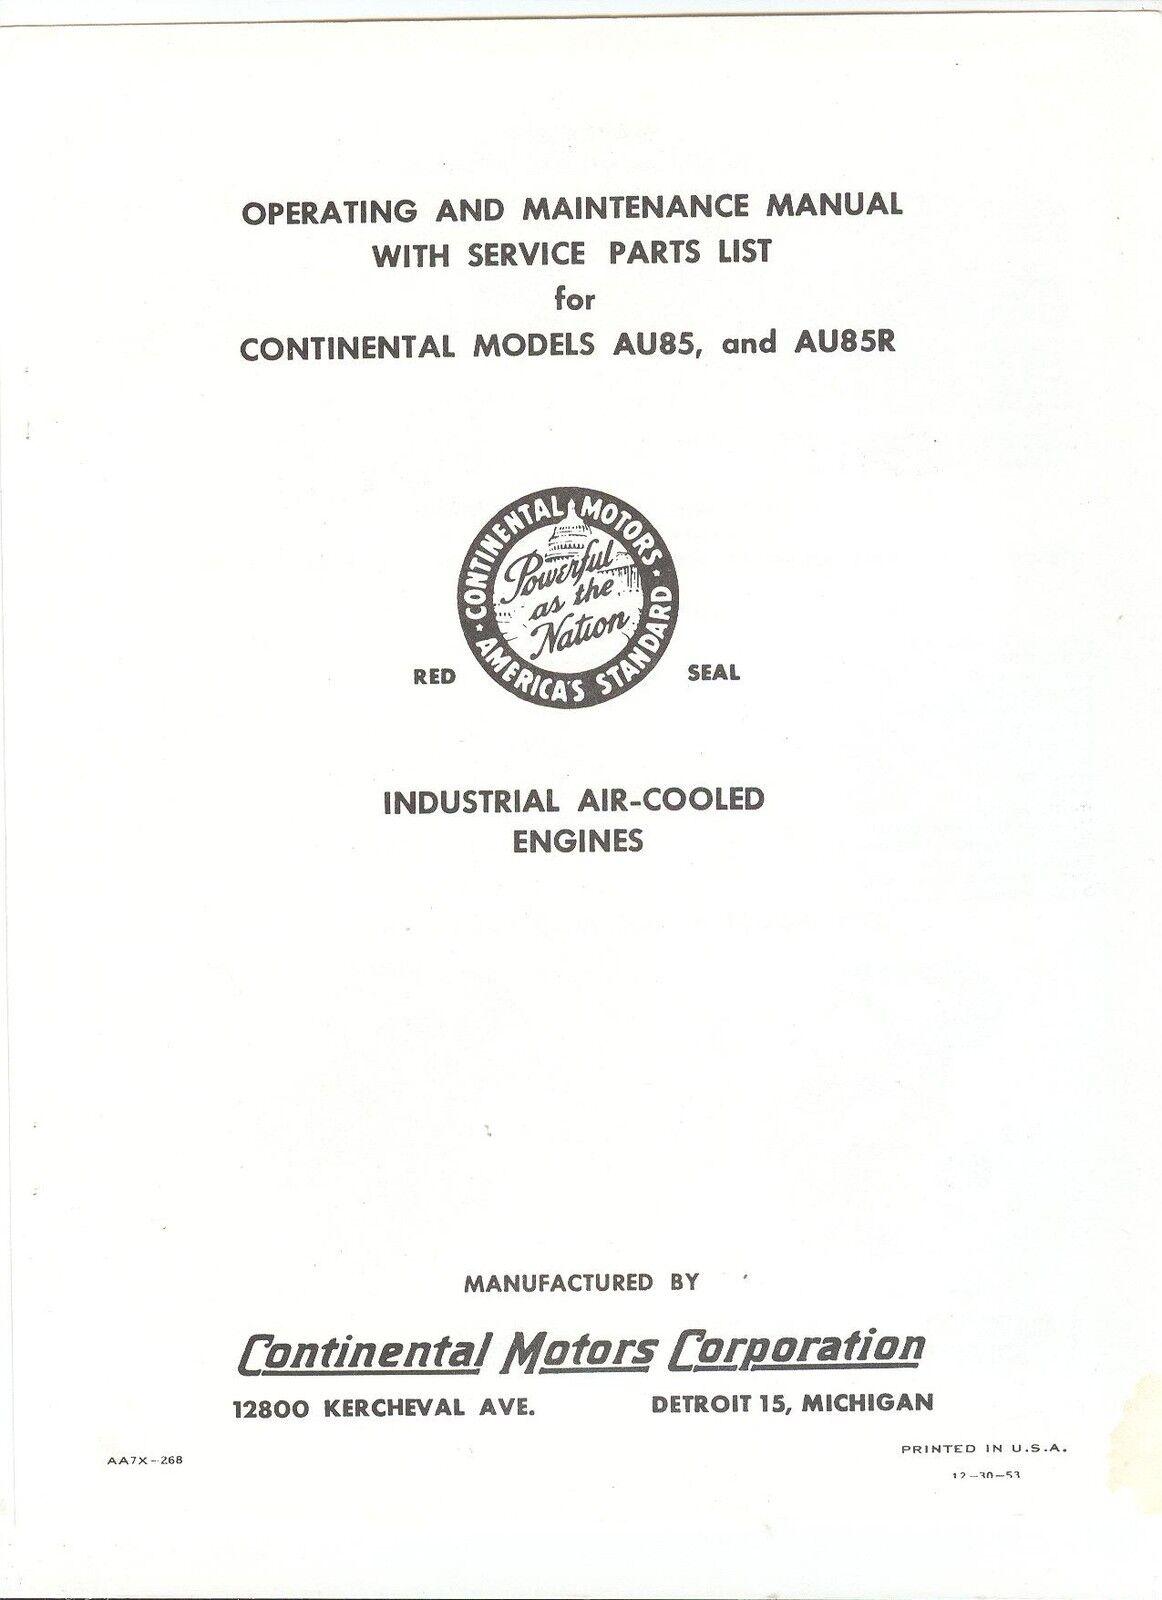 Continental Model Au85 & Au85r Engine Manual Parts List, 1953 David Bradley